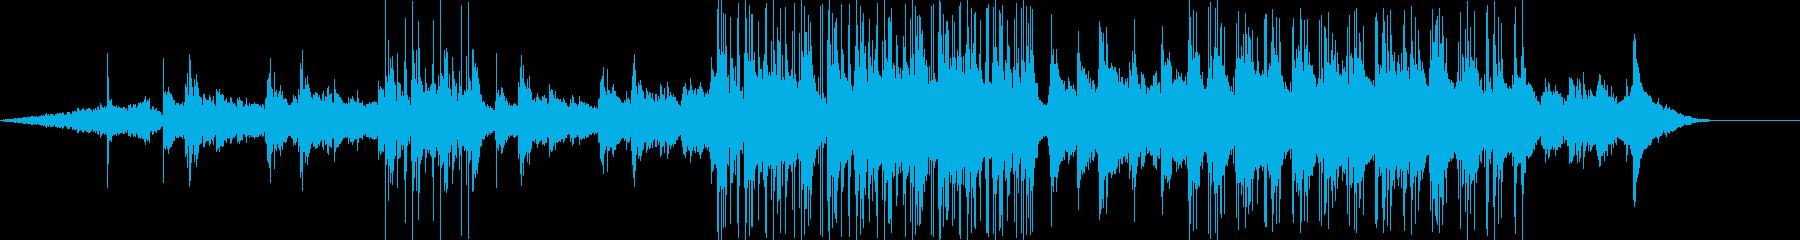 ピンクフロイドの世界。の再生済みの波形